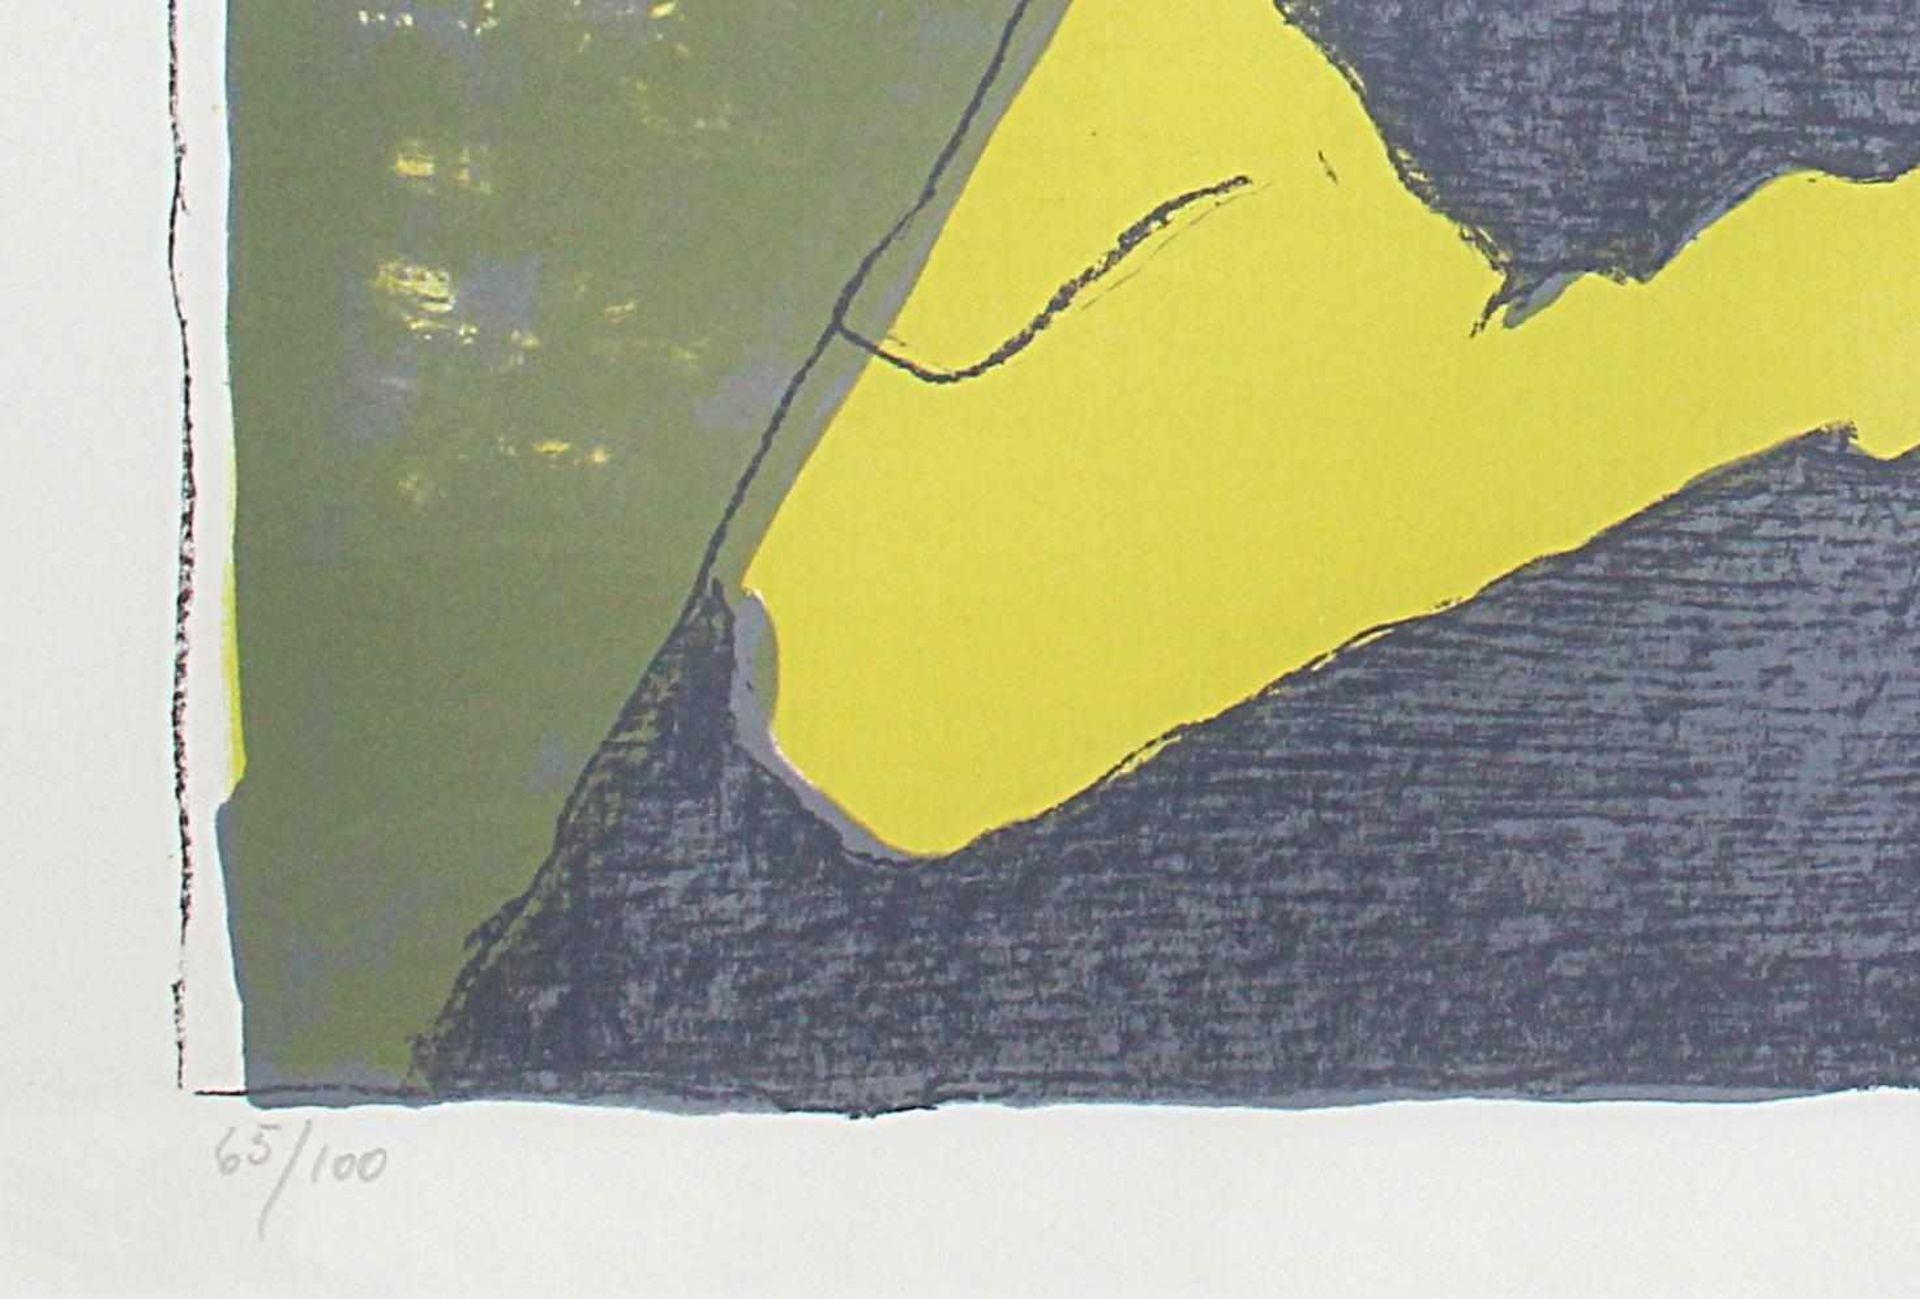 Maria Lassnig 1919-2014 o.T. 1980 Farblithographie handsigniert und nummeriert 65/100 50 x 60 cm - Bild 3 aus 4